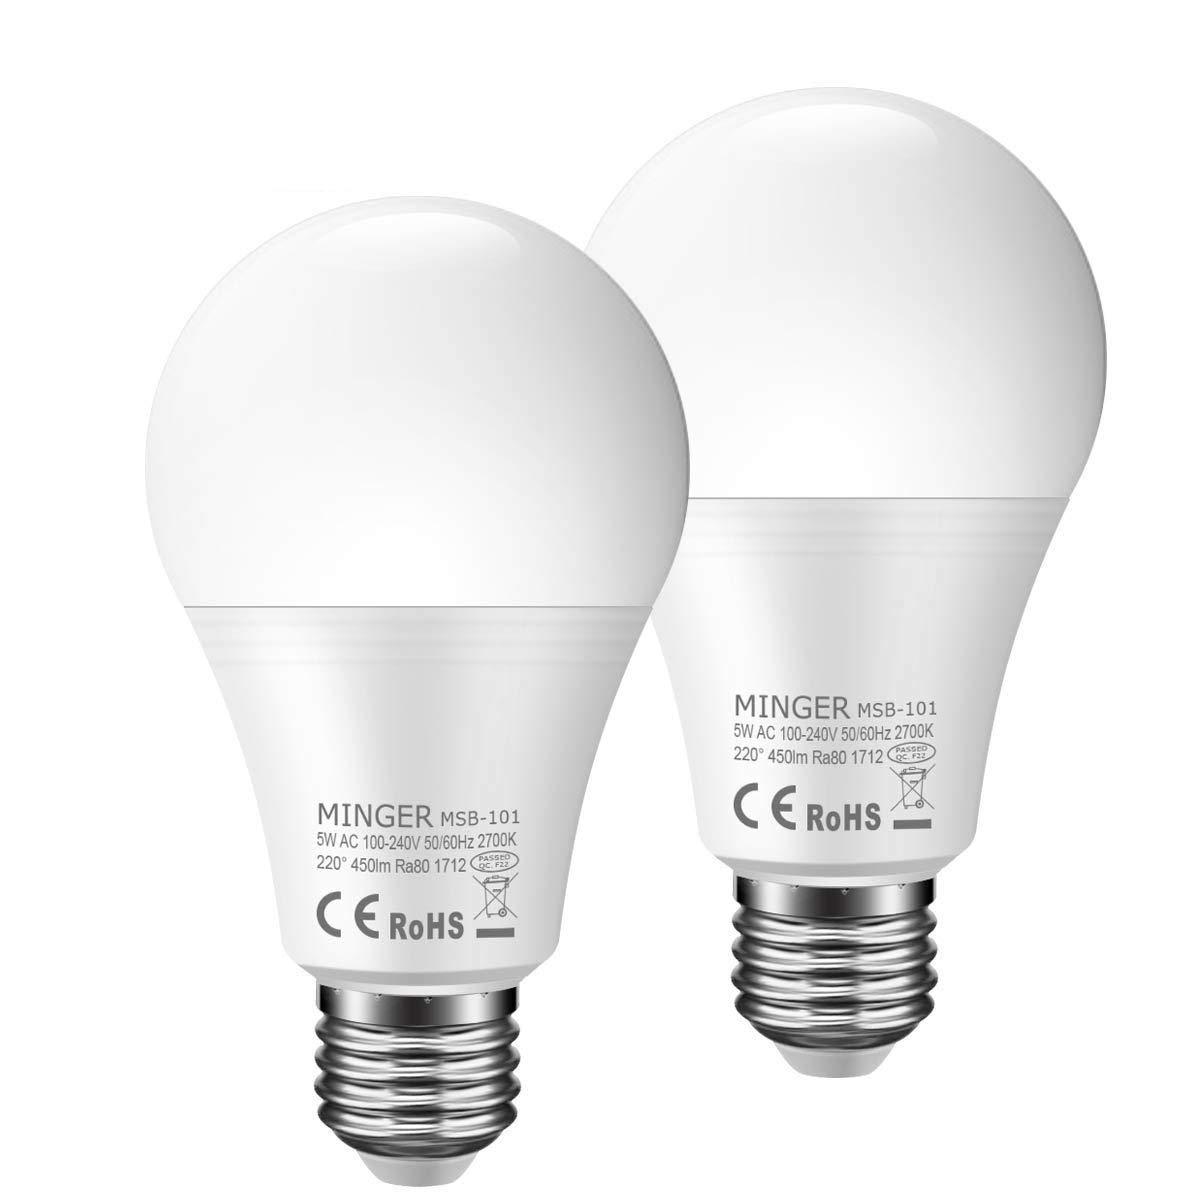 new concept b1d1e 5a0ef Motion Sensor Light Bulb 5W, 50W Equivalent Smart Bulb Radar LED Motion  Sensor Light Bulbs E26 Base Indoor Sensor Night Lights Soft White 2700K ...